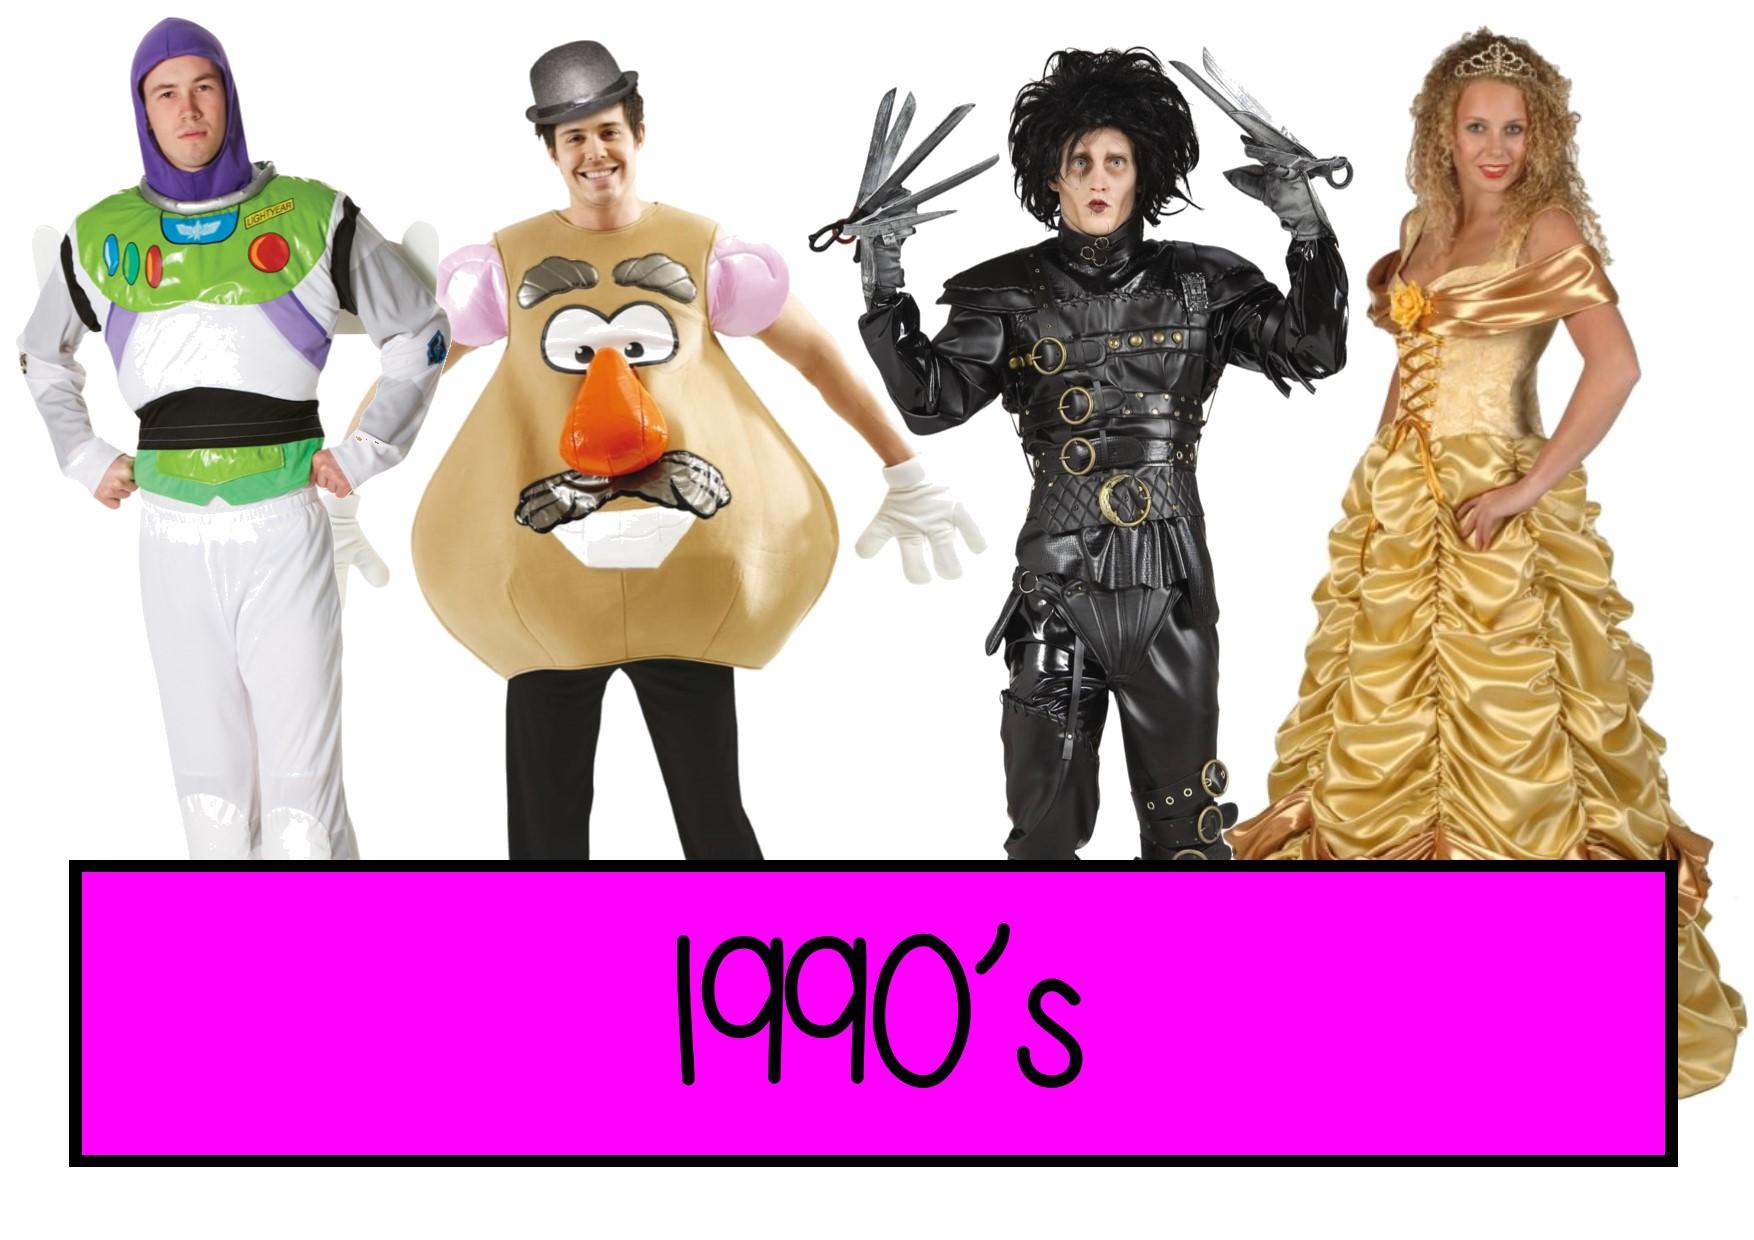 1990s fancy dress ideas